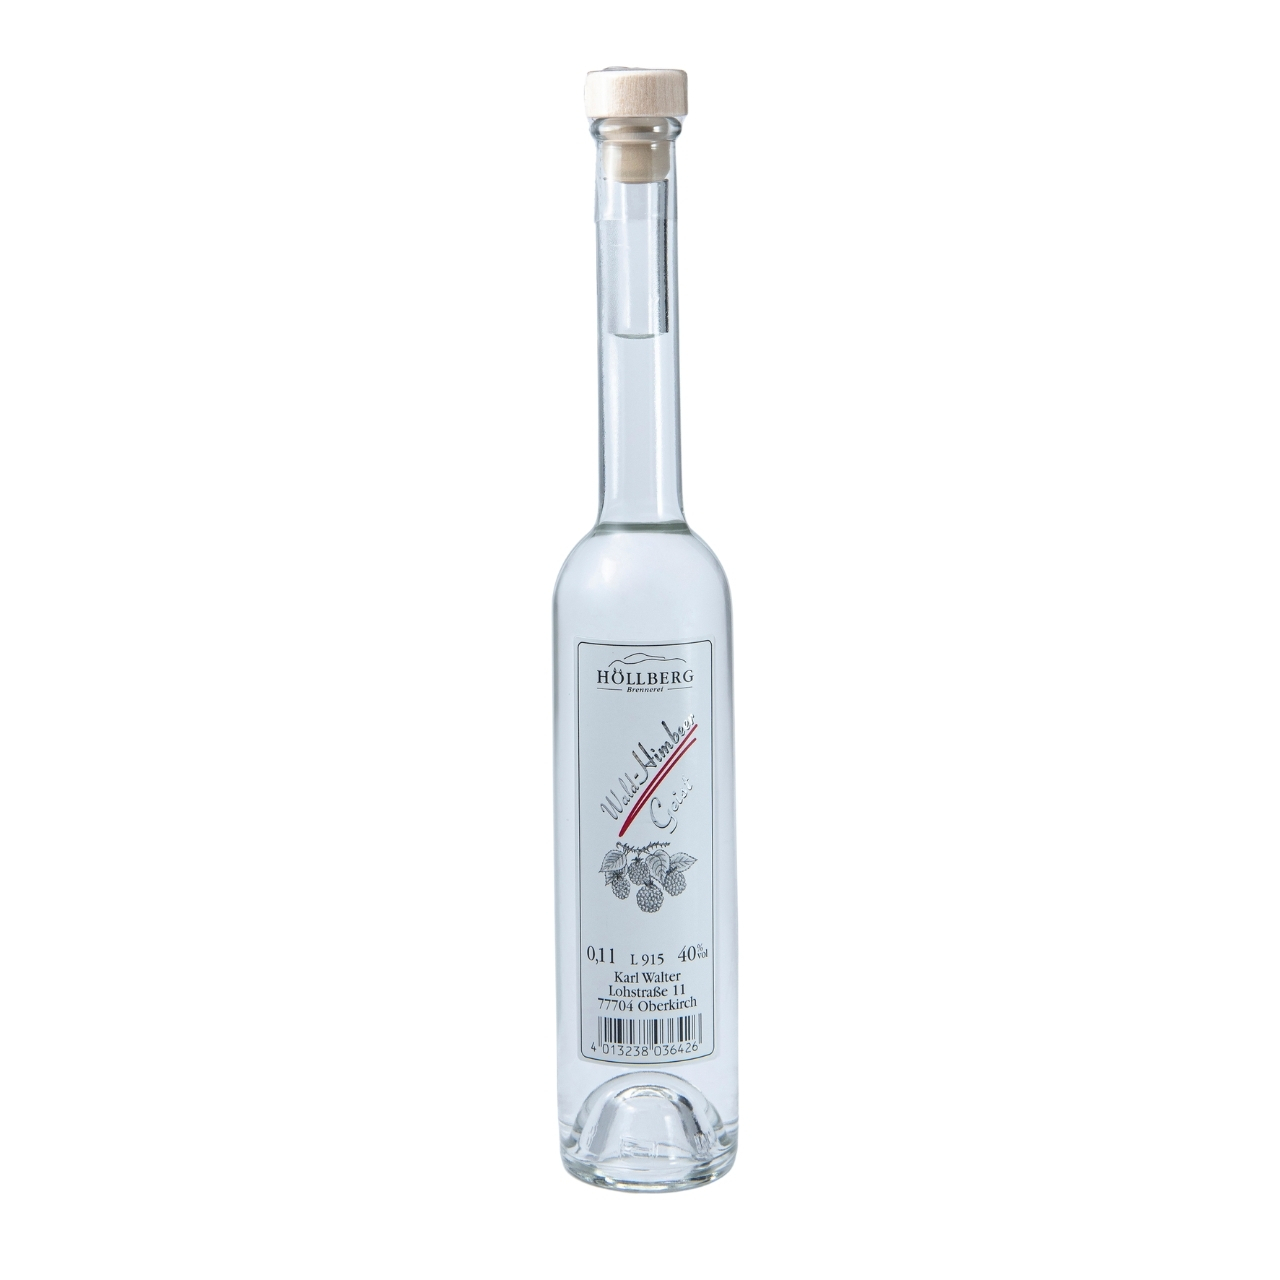 0,1 Liter Platinflasche Höllberg Wald-Himbeer-Geist